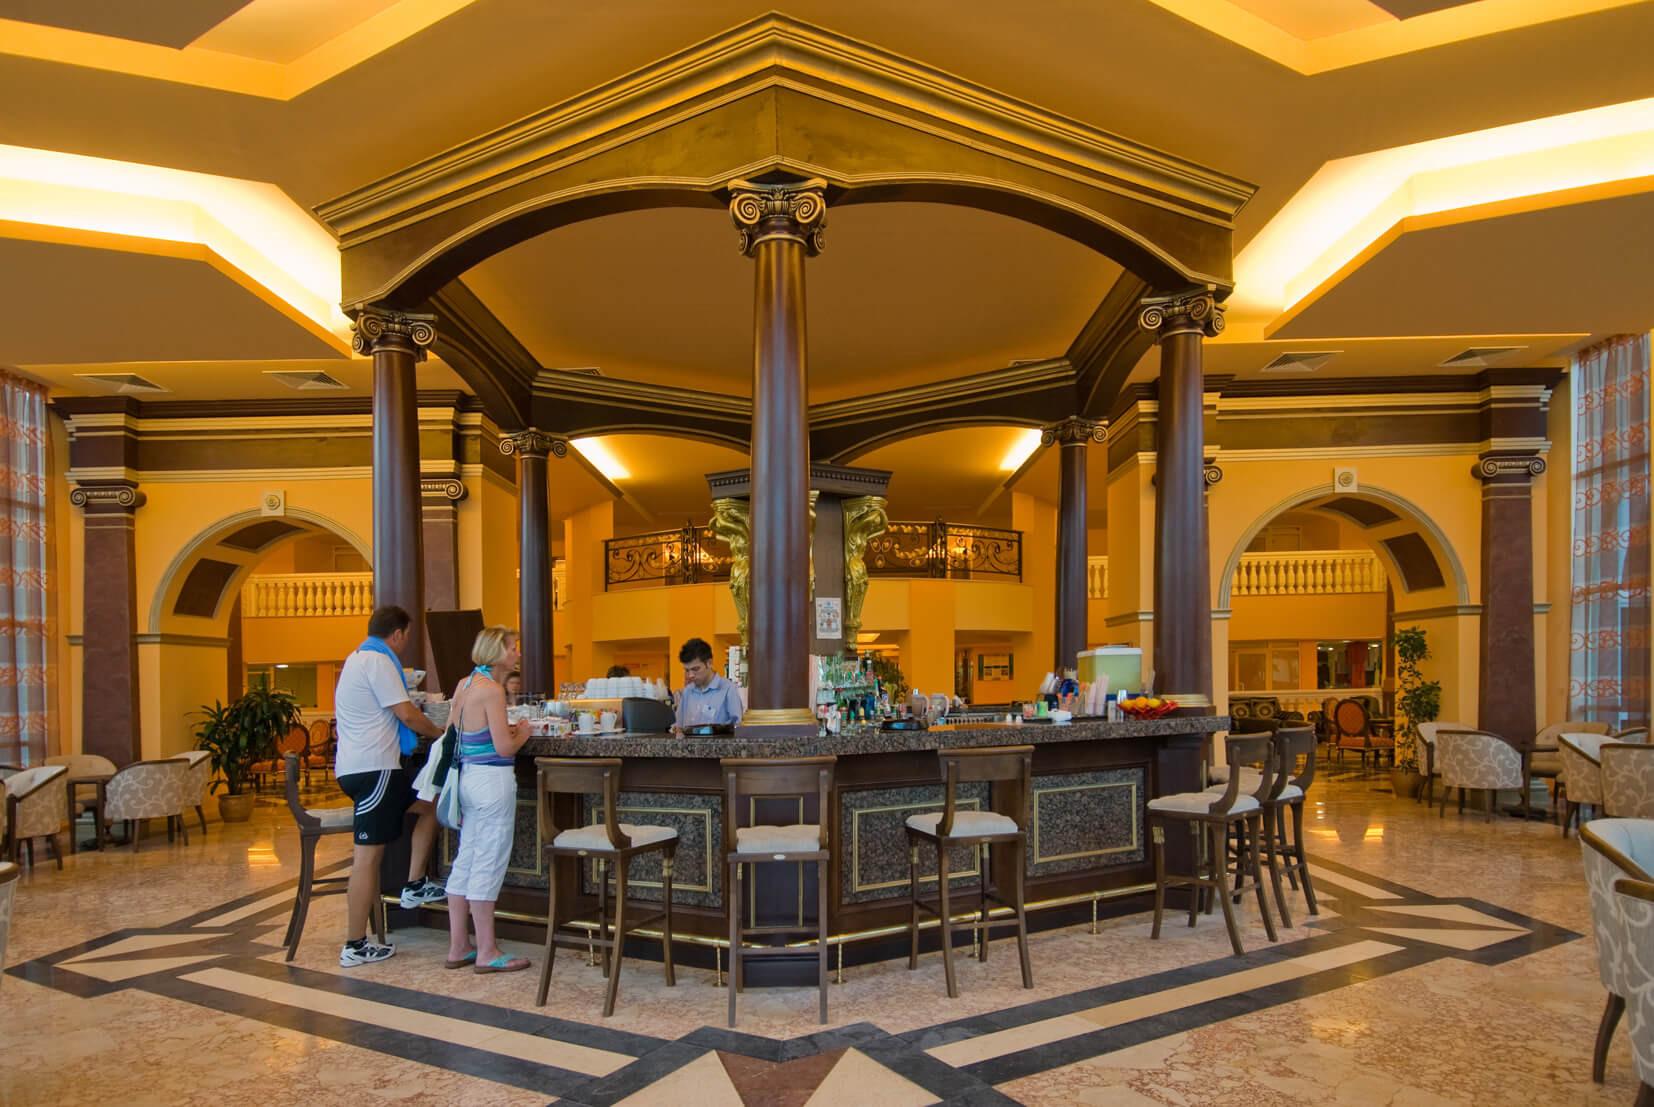 Хотел Марина Бийч - лоби бар